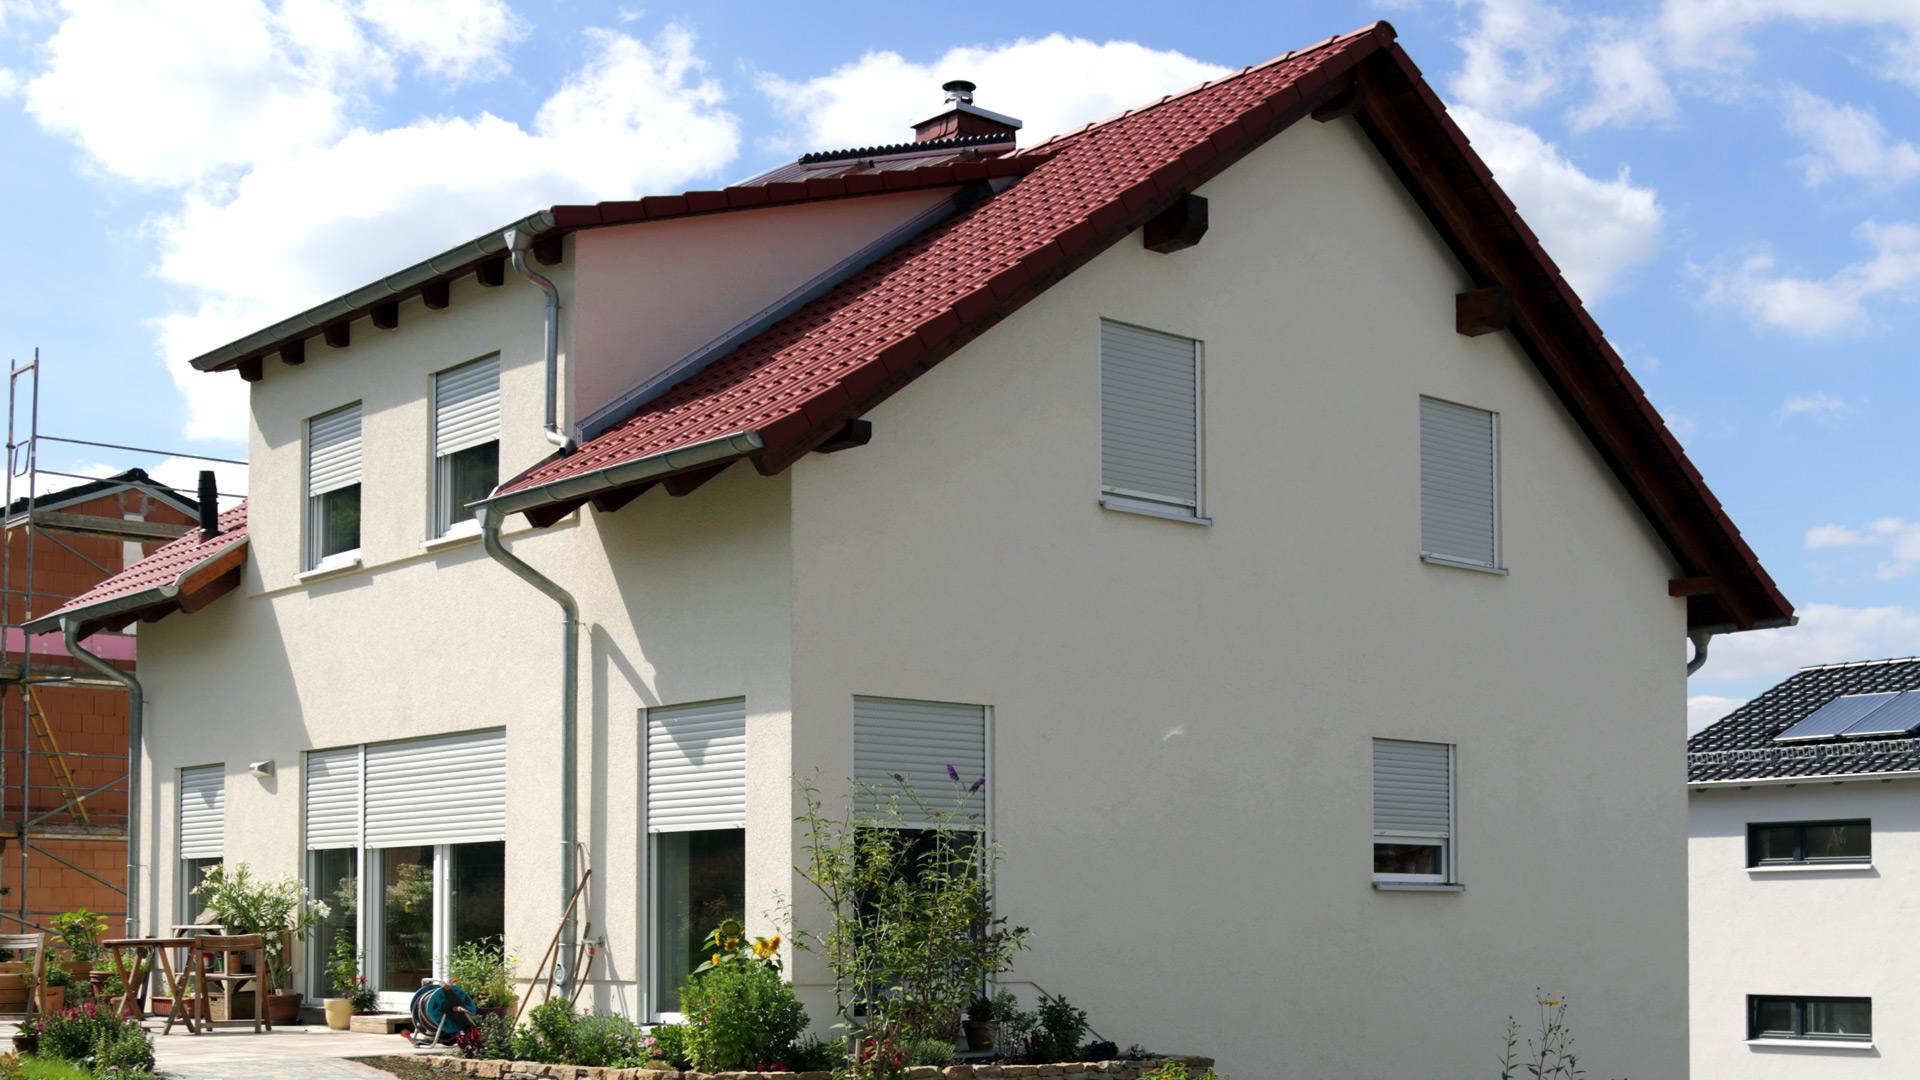 Wohnbaukonzept efh klassisch for Klassisches einfamilienhaus